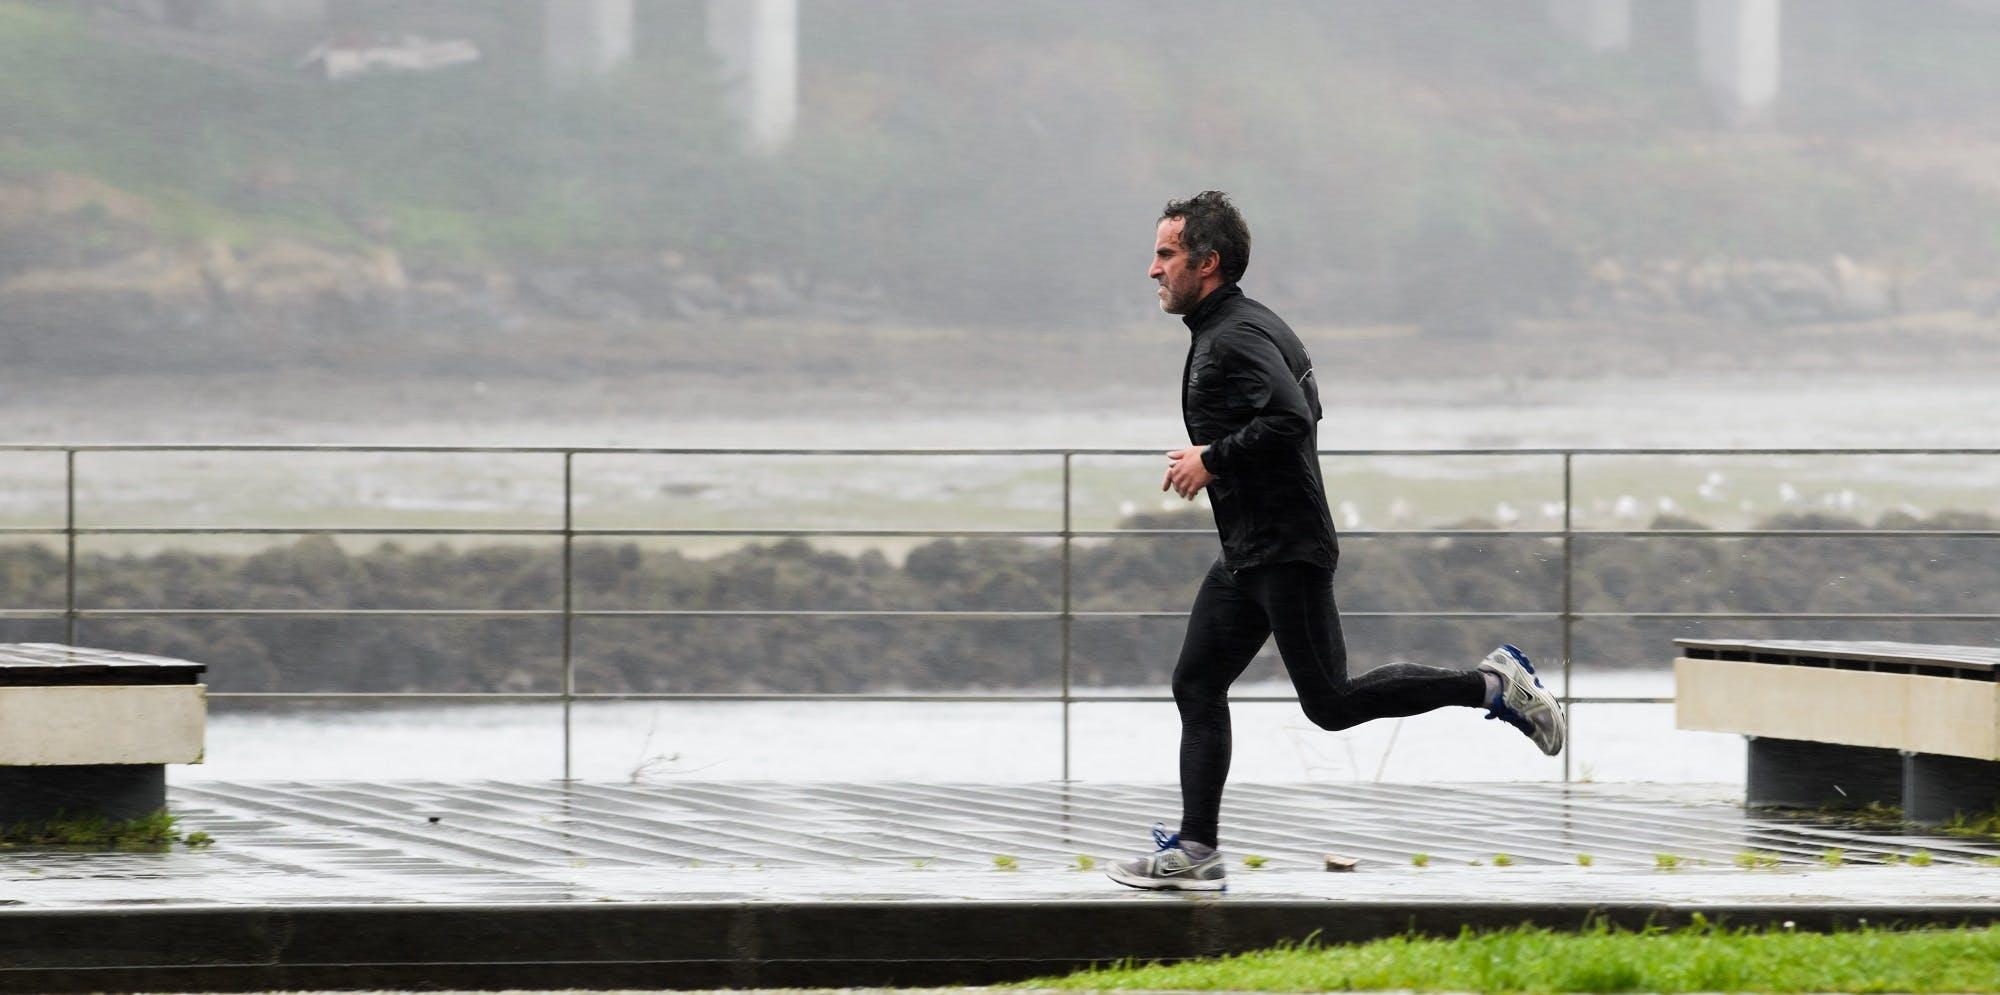 Τρέξιμο στο κρύο: Τι πρέπει να προσέξουμε και ποια τα οφέλη του